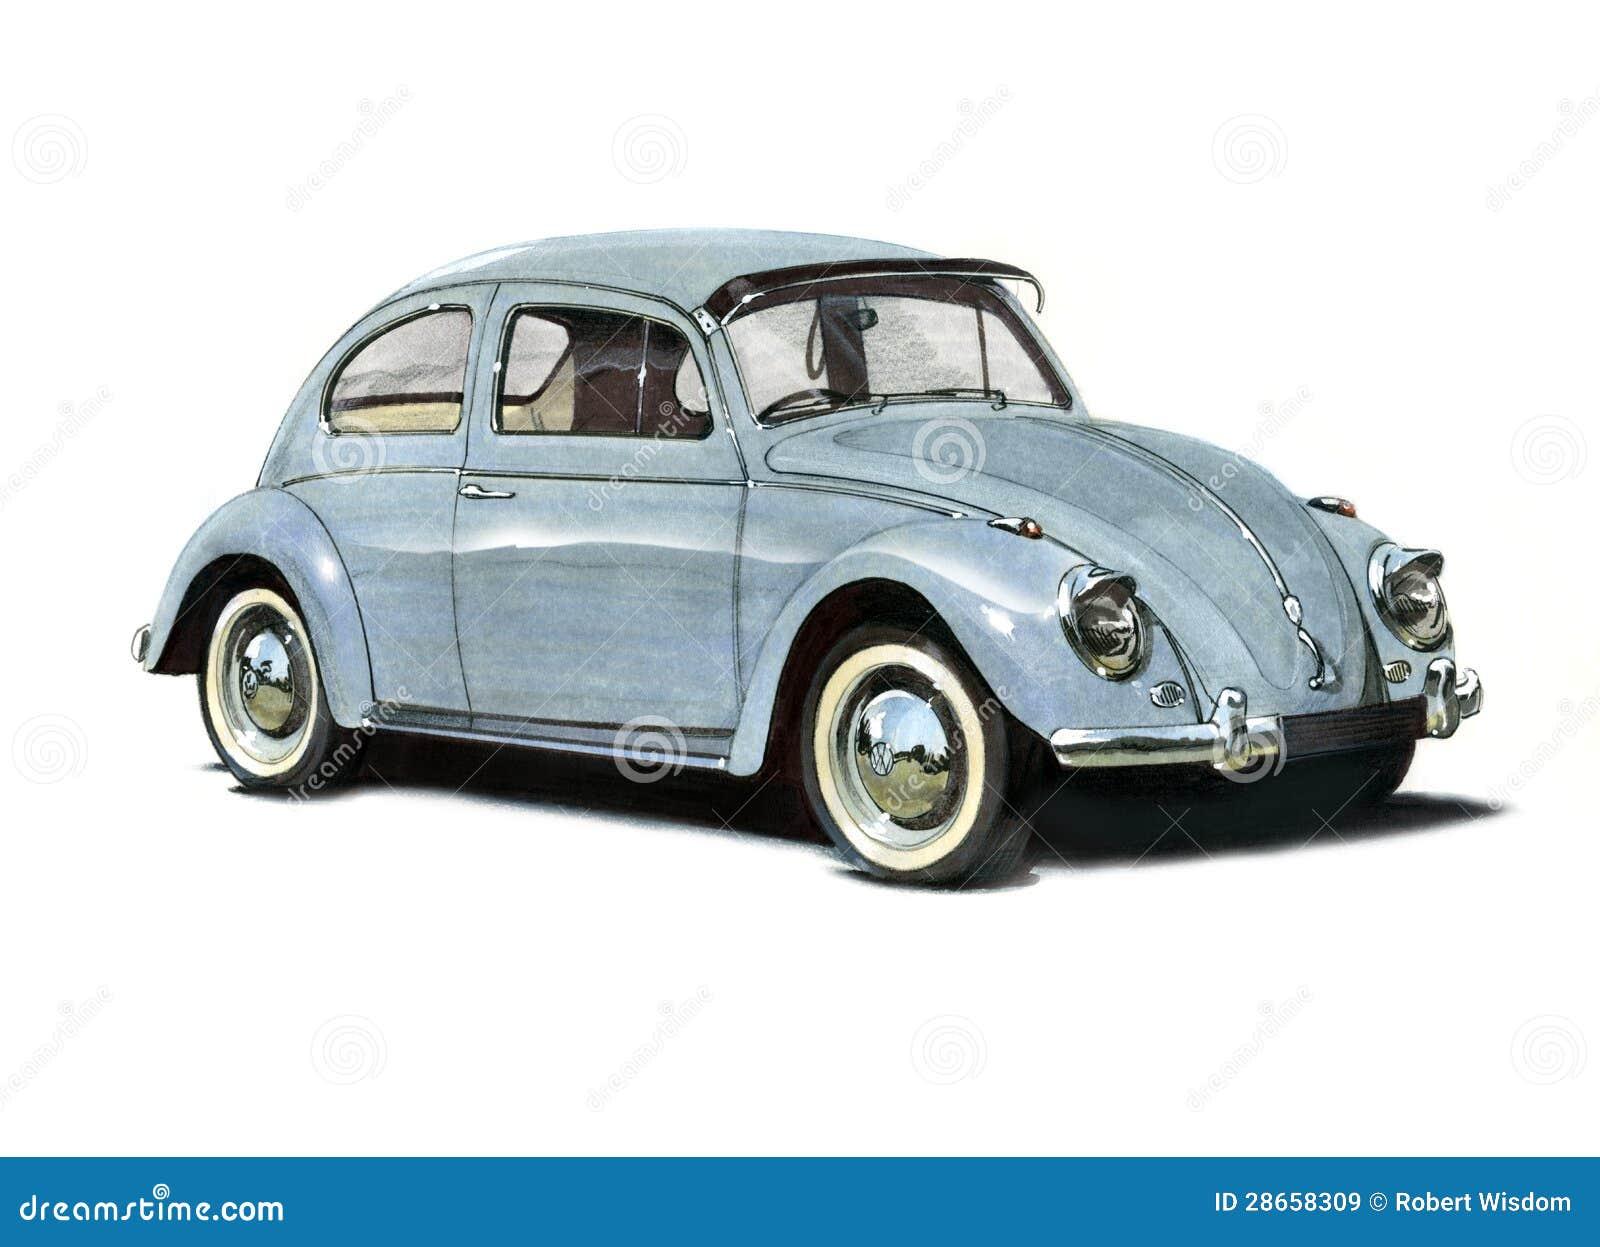 Volkswagen Beetle 1950s editorial stock image. Image of motorcar - 28658309